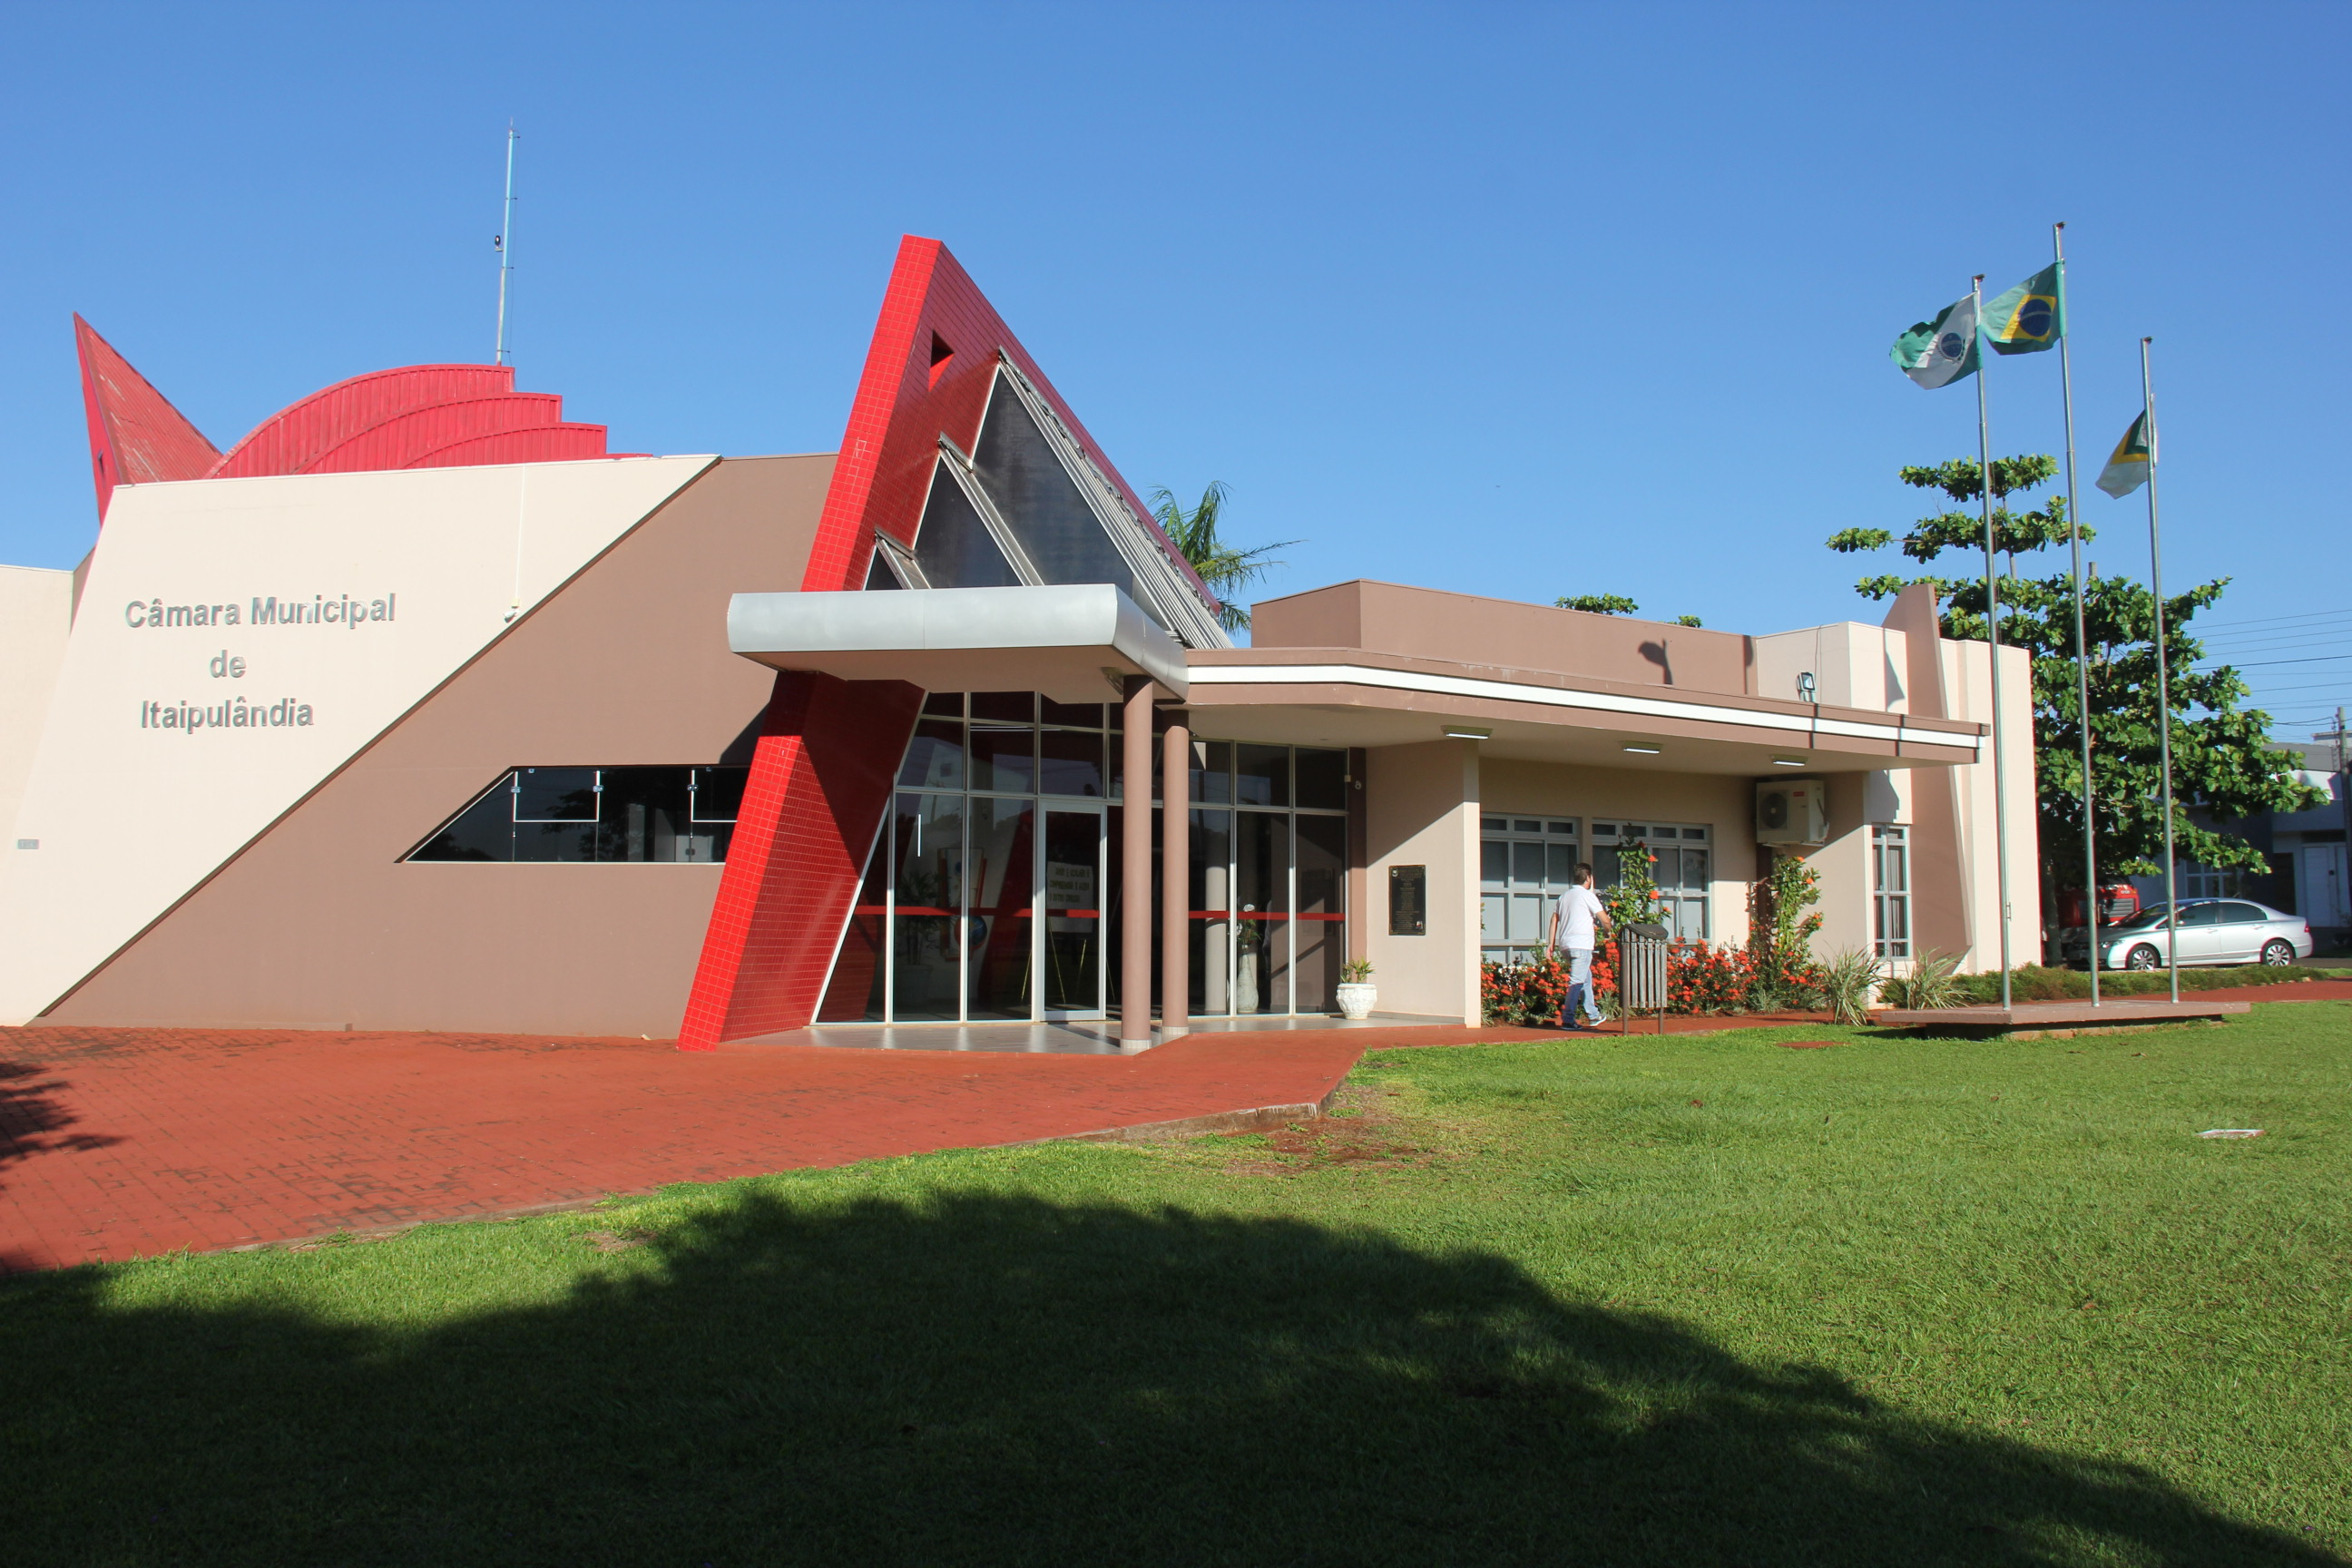 Câmara Municipal de Itaipulândia